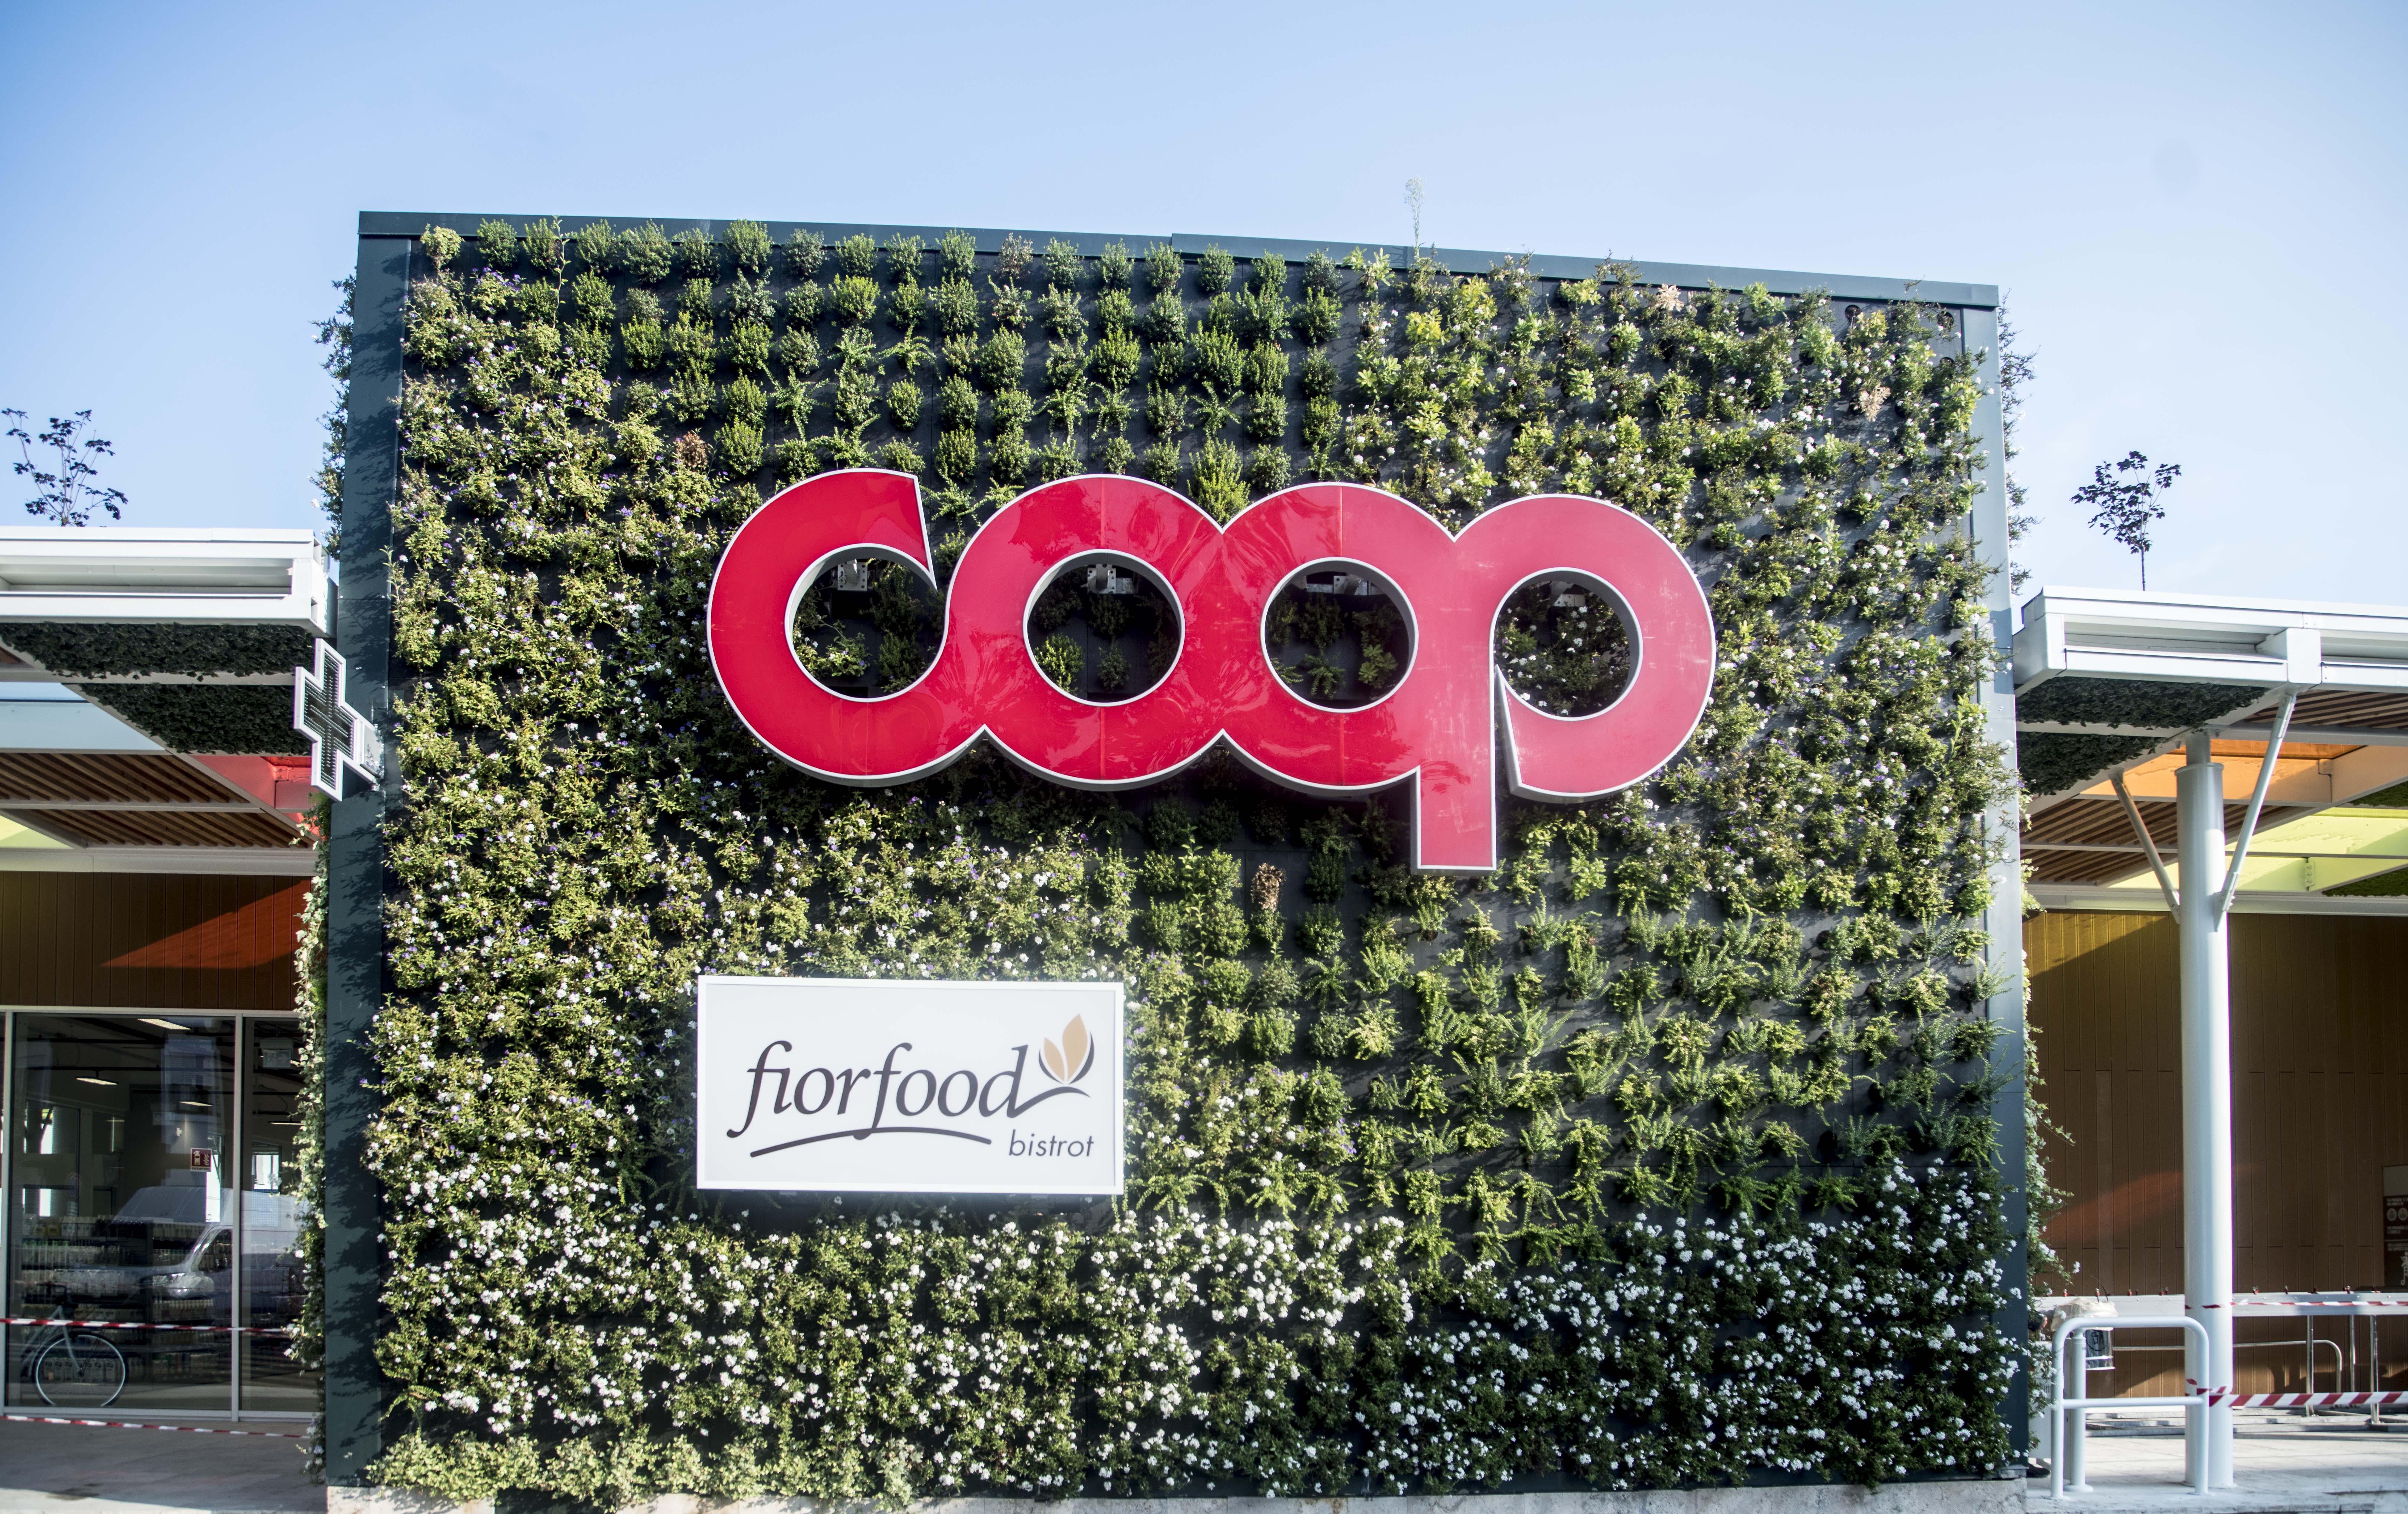 L'area su cui sorge il supermercato autism friendly è recuperata con un'operazione di riqualificazione urbana nel segno della sostenibilità ambientale © Coop Lombardia